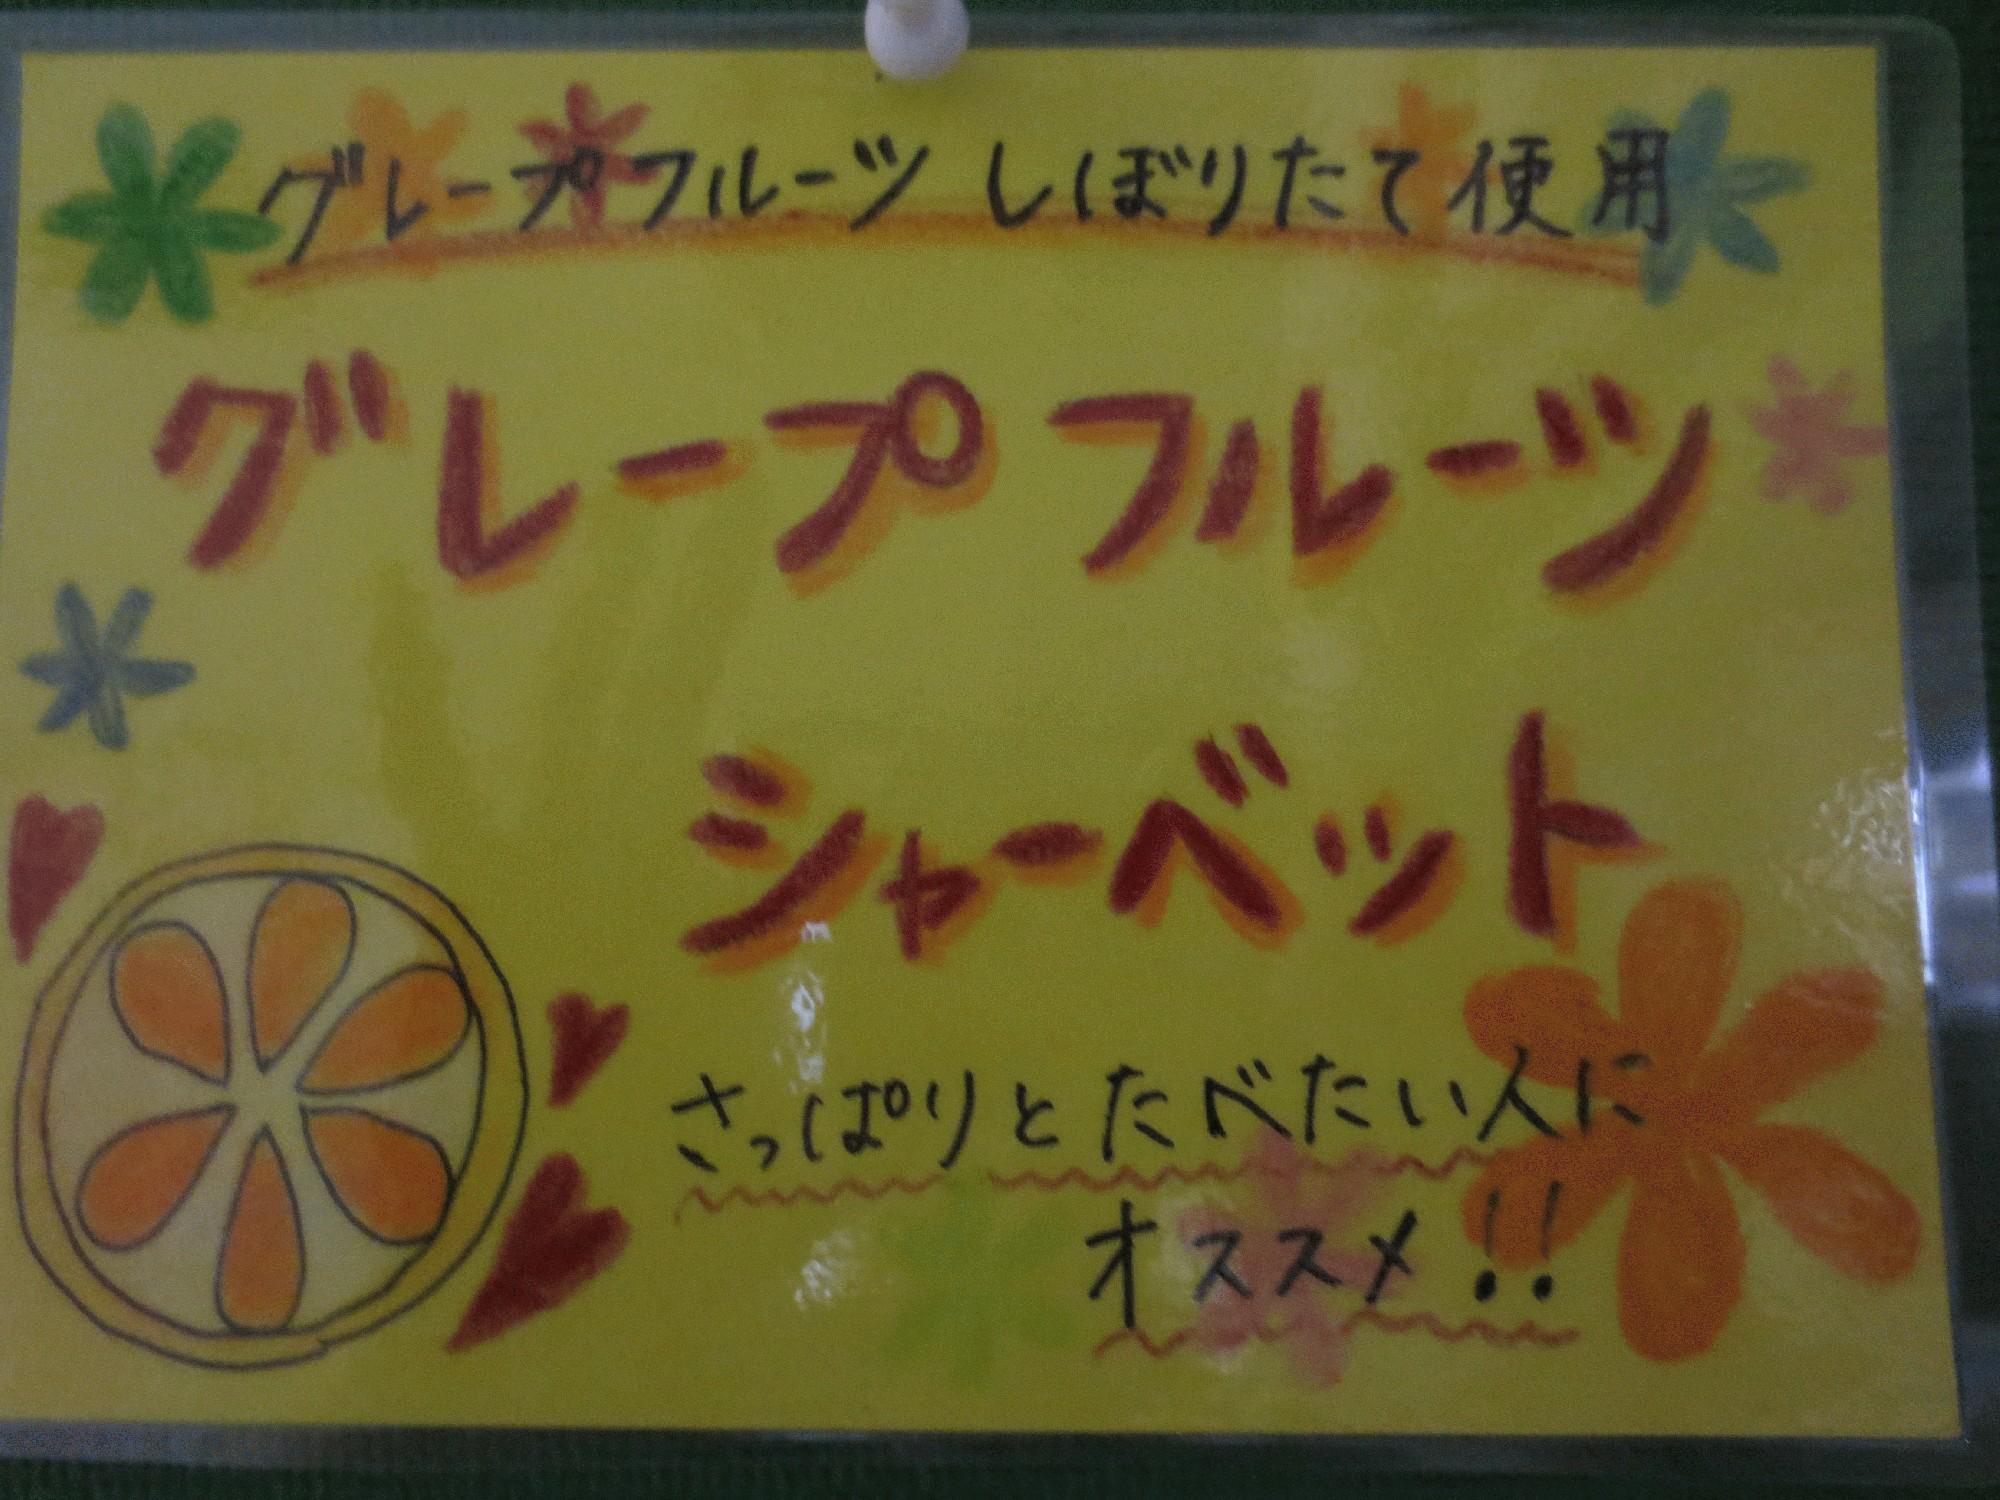 グレープフルーツシャーベット 300円